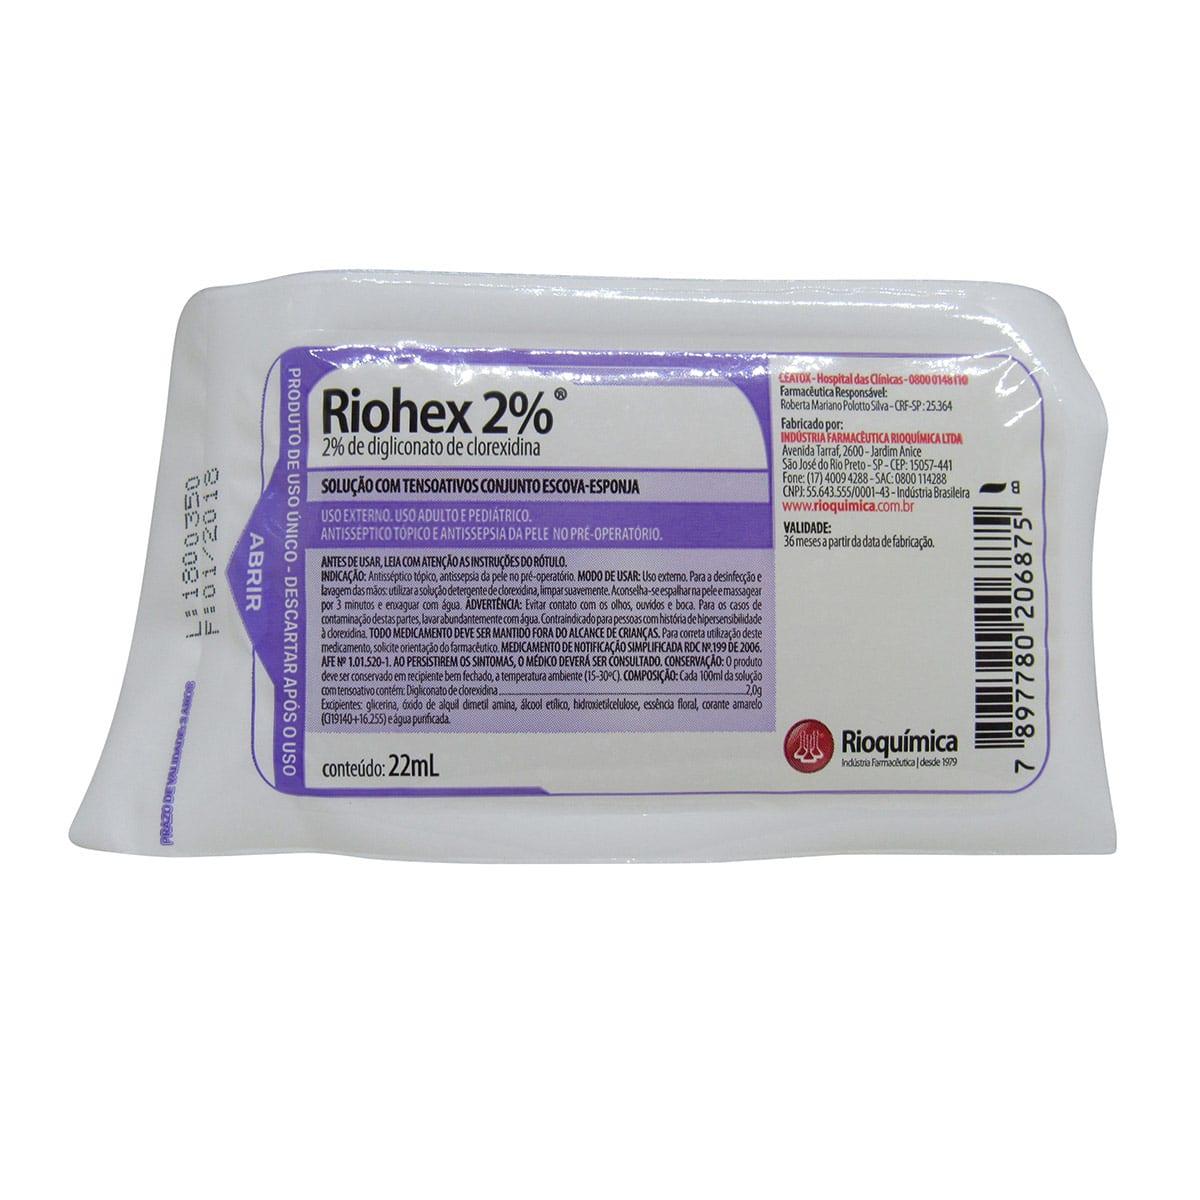 Escova Assepsia Riohex Clorexidina 2% Rioquímica